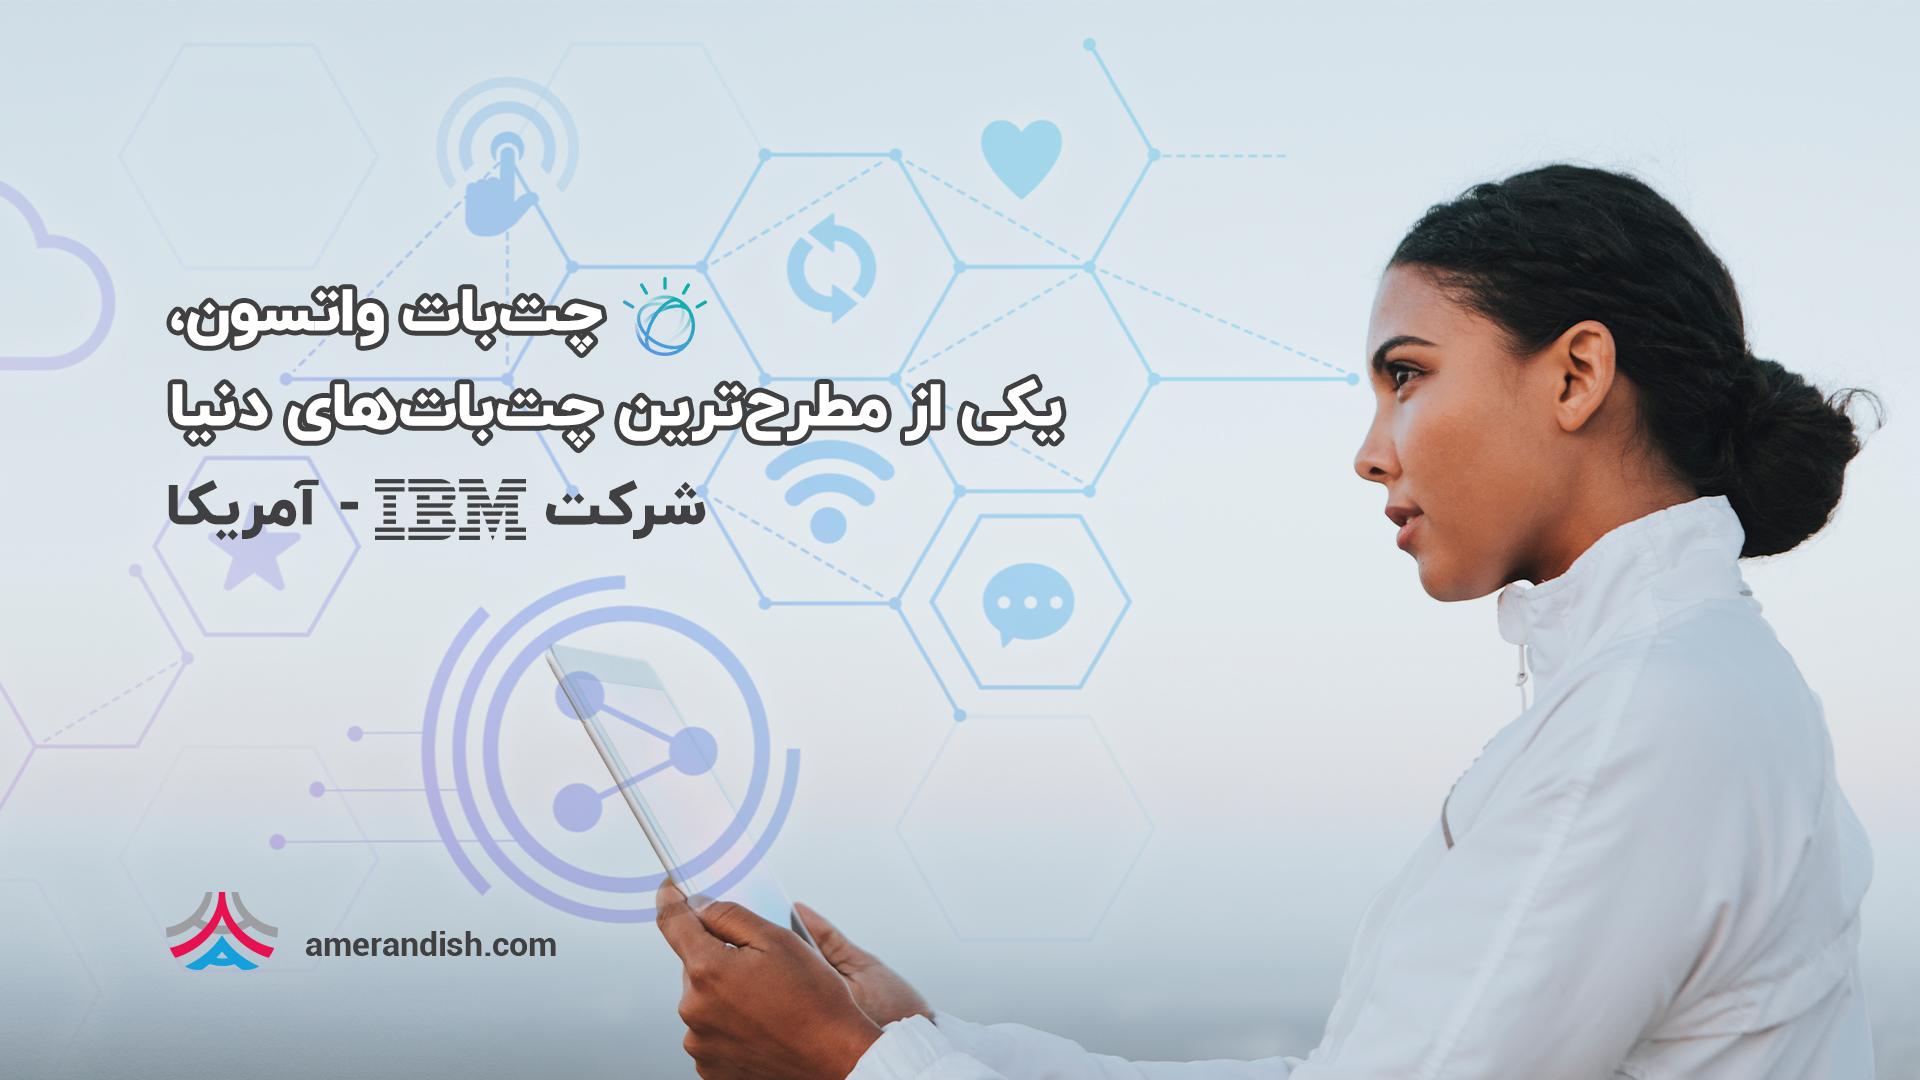 معرفی چت بات واتسون از شرکت IBM | از بهترین و مطرحترین چت باتهای دنیا